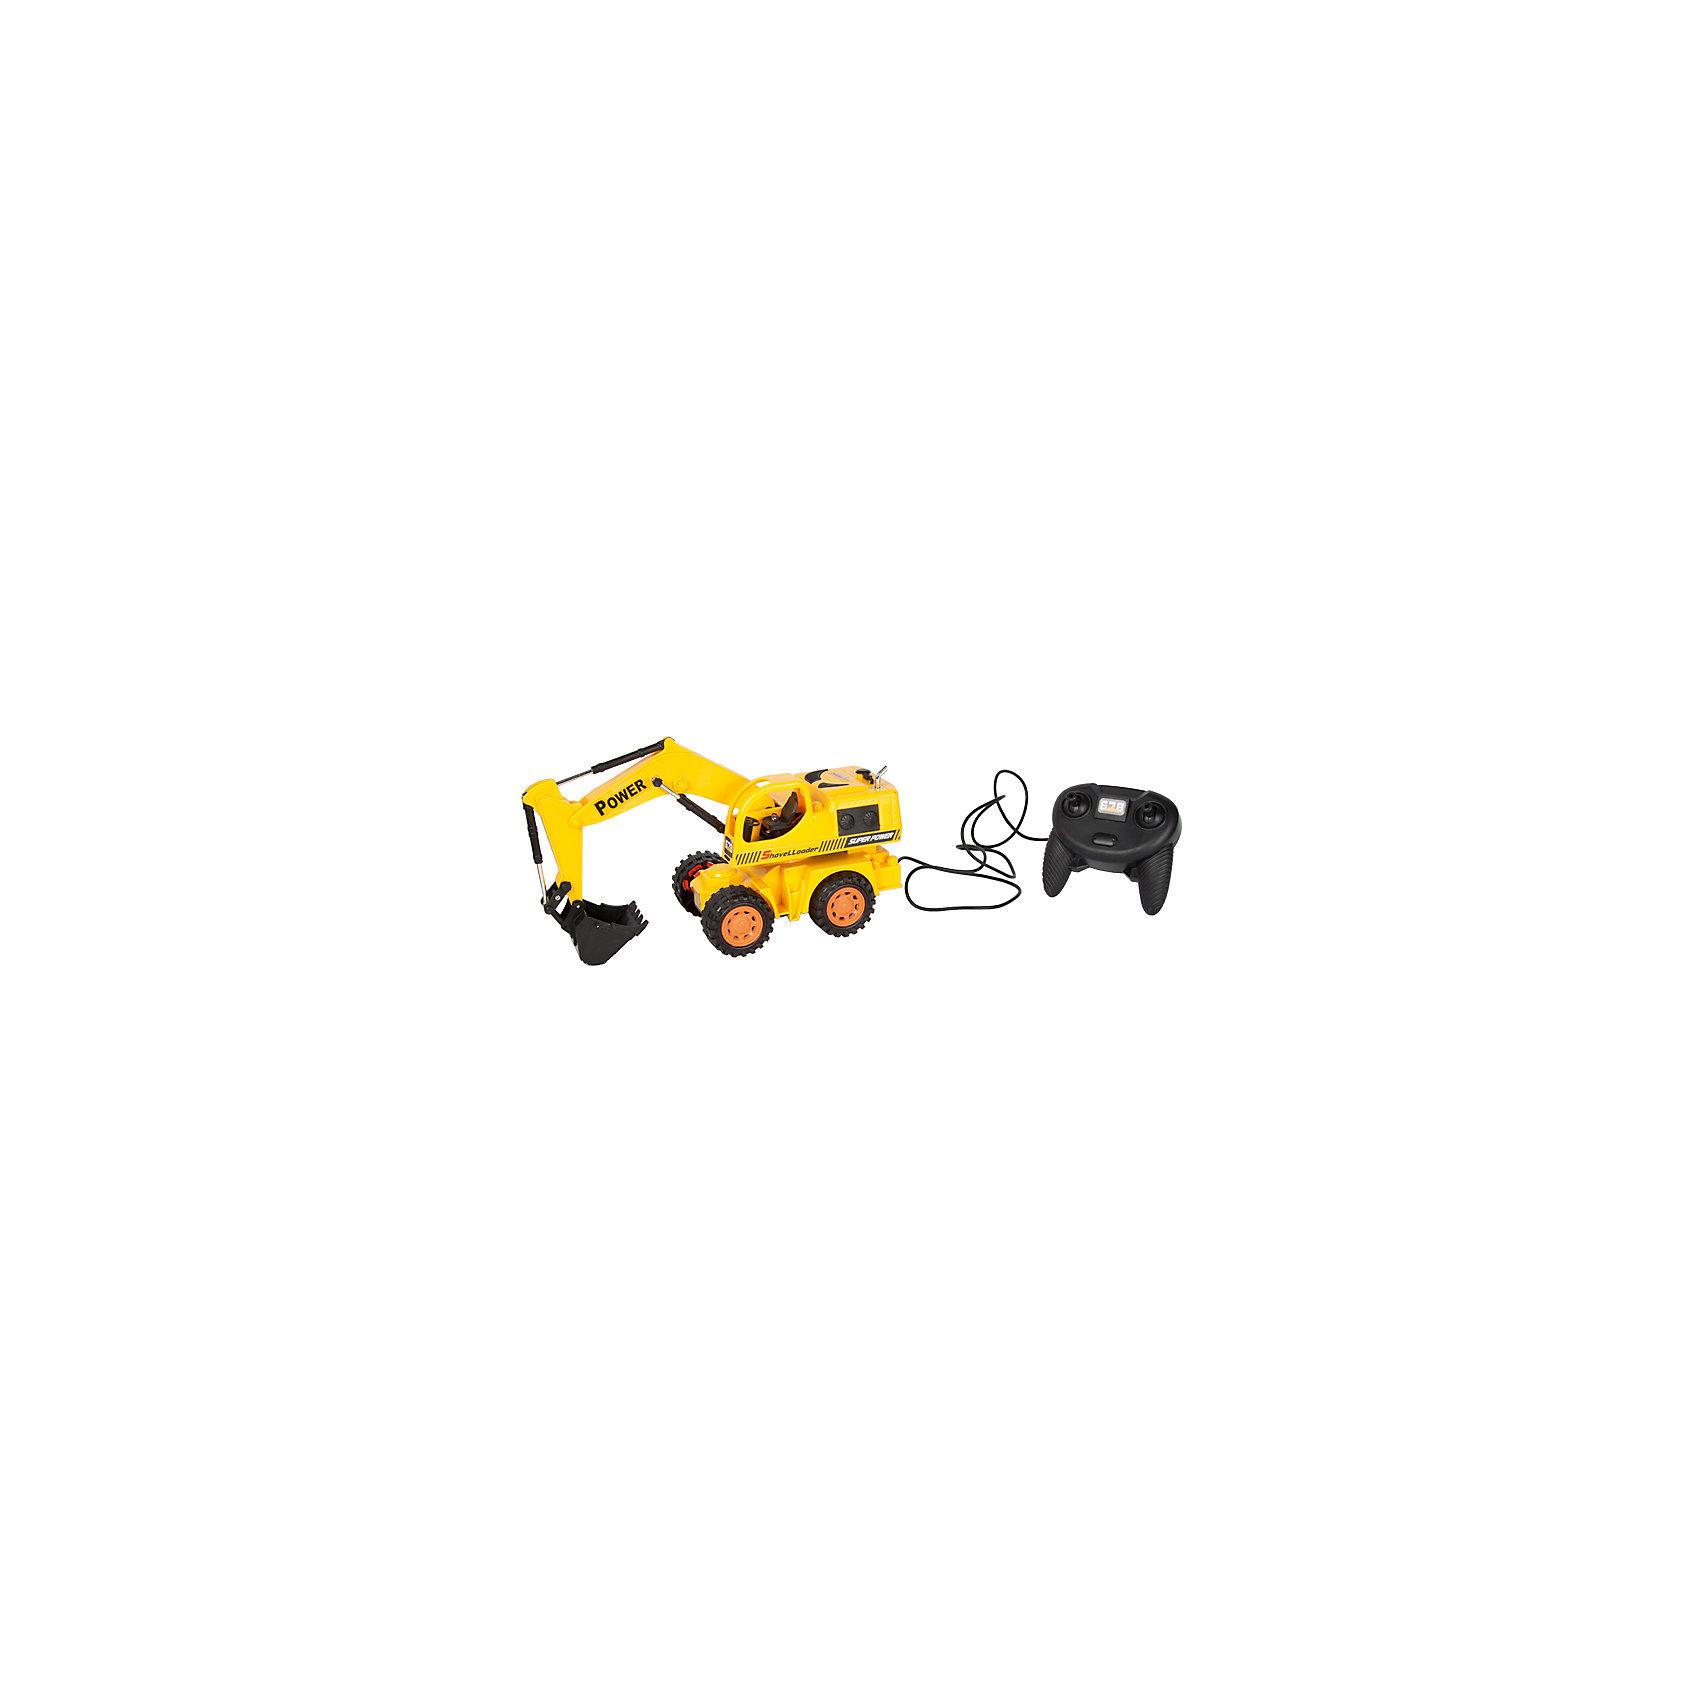 Экскаватор колёсный, проводное управление, Mioshi TechИдеи подарков<br>Характеристики товара:<br><br>• возраст от 6 лет;<br>• материал: пластик;<br>• в комплекте: экскаватор, проводной пульт;<br>• пульт работает от 3 батареек АА (в комплект не входят);<br>• длина игрушки 29,6 см;<br>• длина провода 1,5 метра;<br>• размер упаковки 33х14х19,5 см;<br>• вес упаковки 655 гр.;<br>• страна производитель: Китай.<br><br>Экскаватор колесный Mioshi Tech используется на строительных площадках. Игрушка управляется проводным пультом. Машина может ездить в разных направлениях. Ковш поднимается и опускается, изображая строительные работы. Во время движения работают световые эффекты. Игрушка изготовлена из качественного безопасного пластика.<br><br>Экскаватор колесный Mioshi Tech проводное управление можно приобрести в нашем интернет-магазине.<br><br>Ширина мм: 330<br>Глубина мм: 140<br>Высота мм: 195<br>Вес г: 655<br>Возраст от месяцев: 72<br>Возраст до месяцев: 2147483647<br>Пол: Мужской<br>Возраст: Детский<br>SKU: 5581262